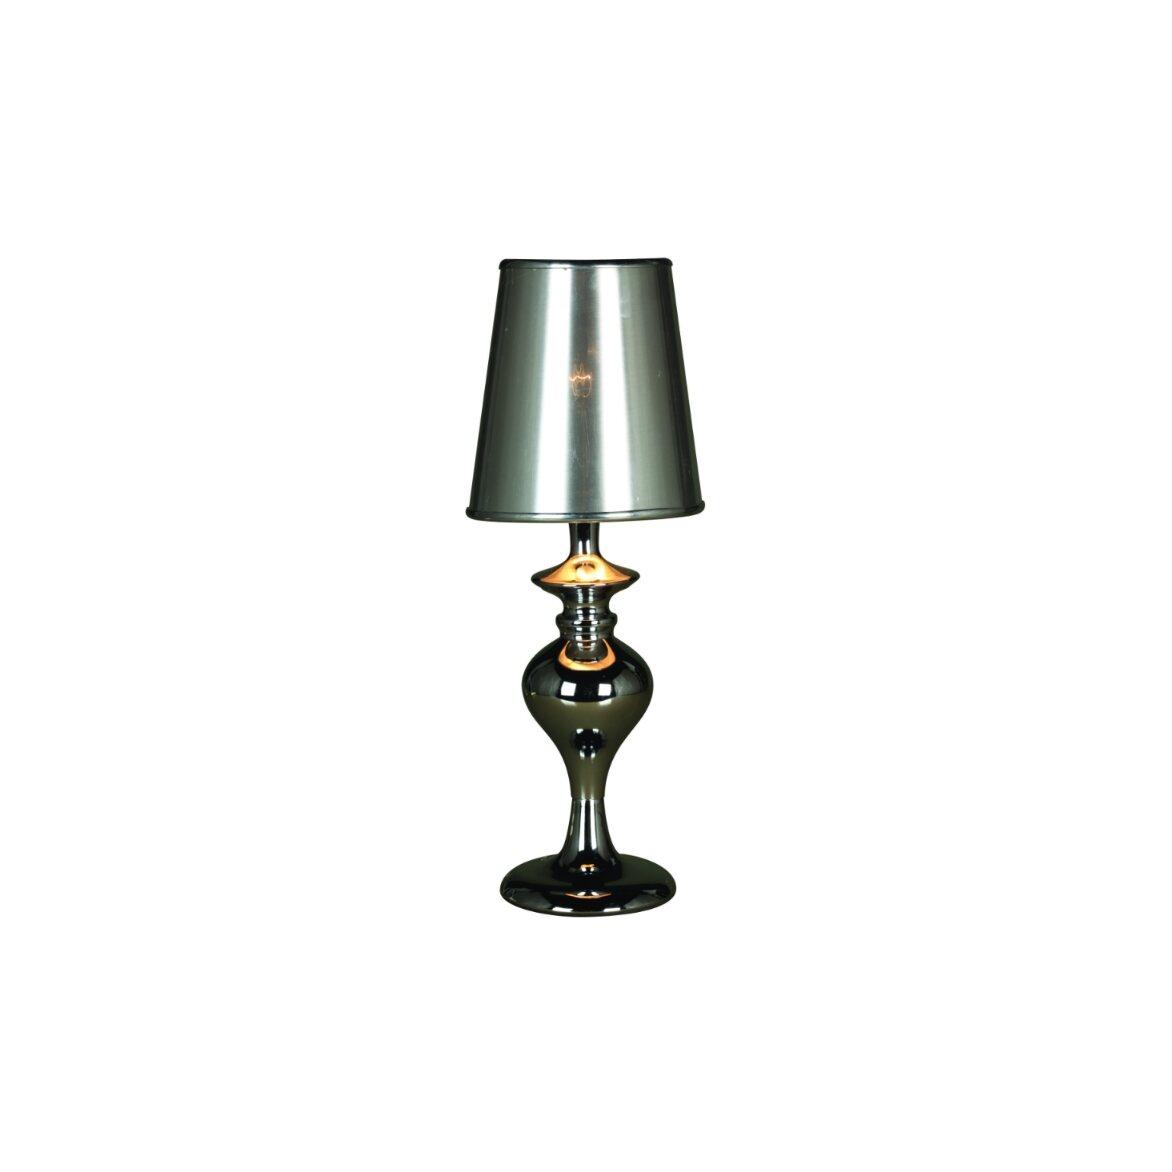 Настольная лампа Avitus | Настольные лампы Kingsby